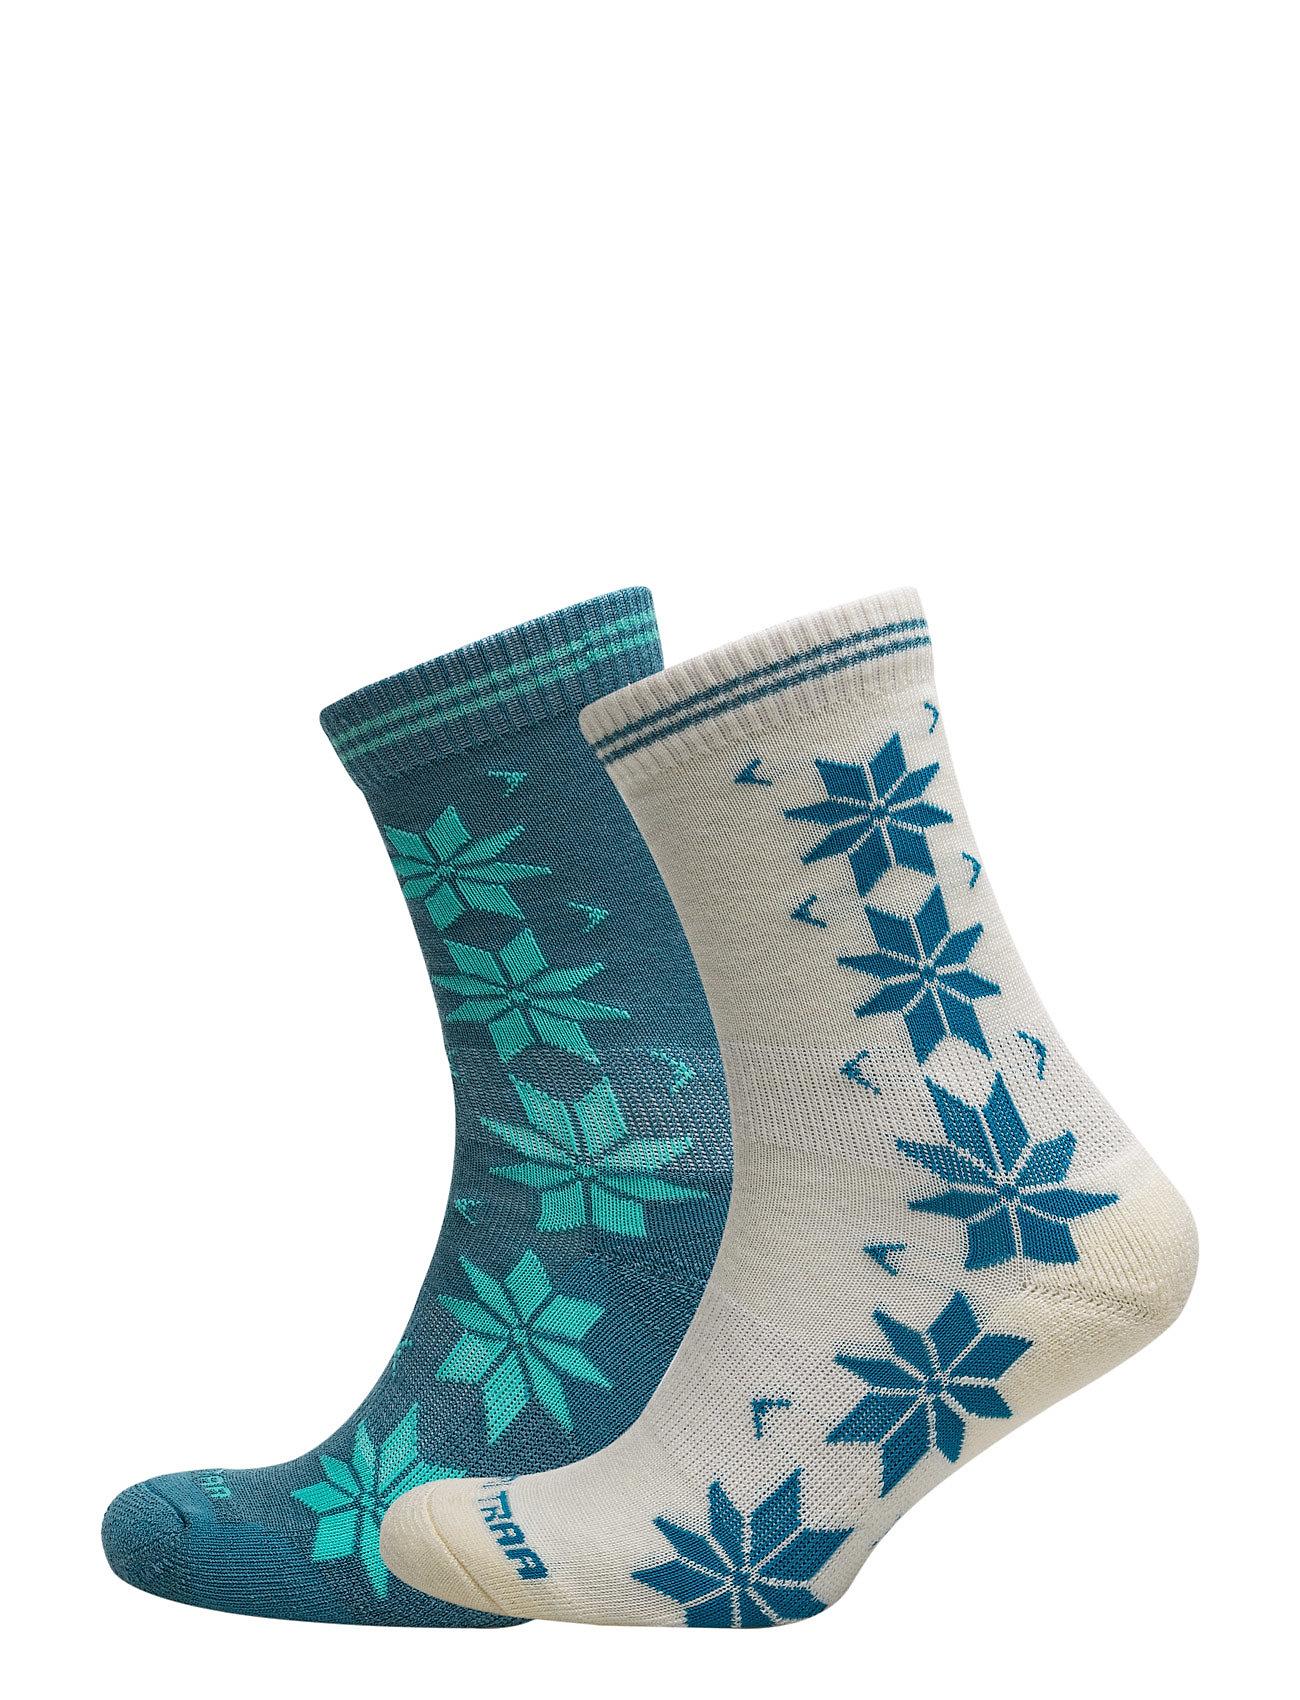 Vinst Wool Sock 2pk Kari Traa Sports undertøj til Damer i ... f8401630d3